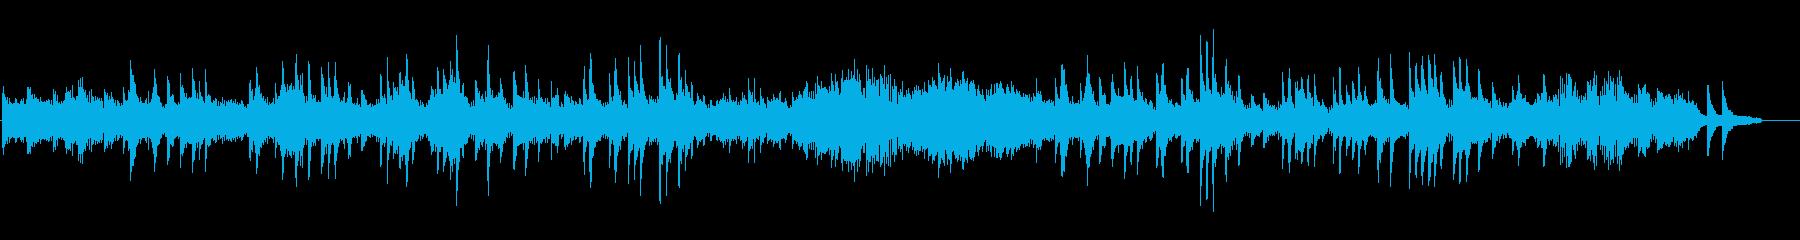 ベートーヴェン月光ソナタ 第1楽章の再生済みの波形